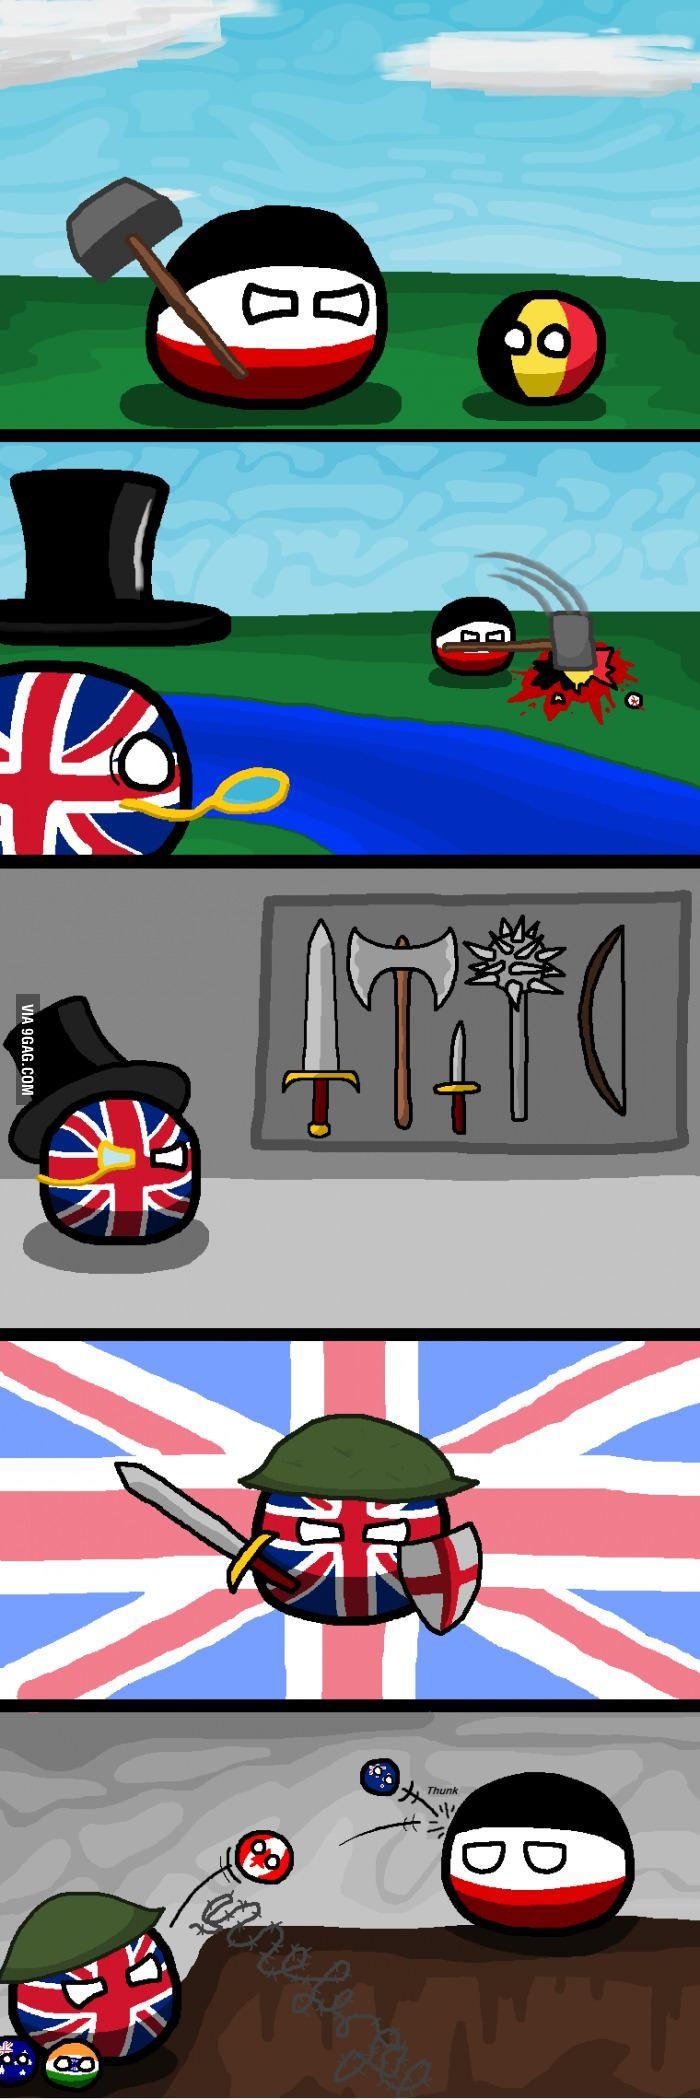 The British Way